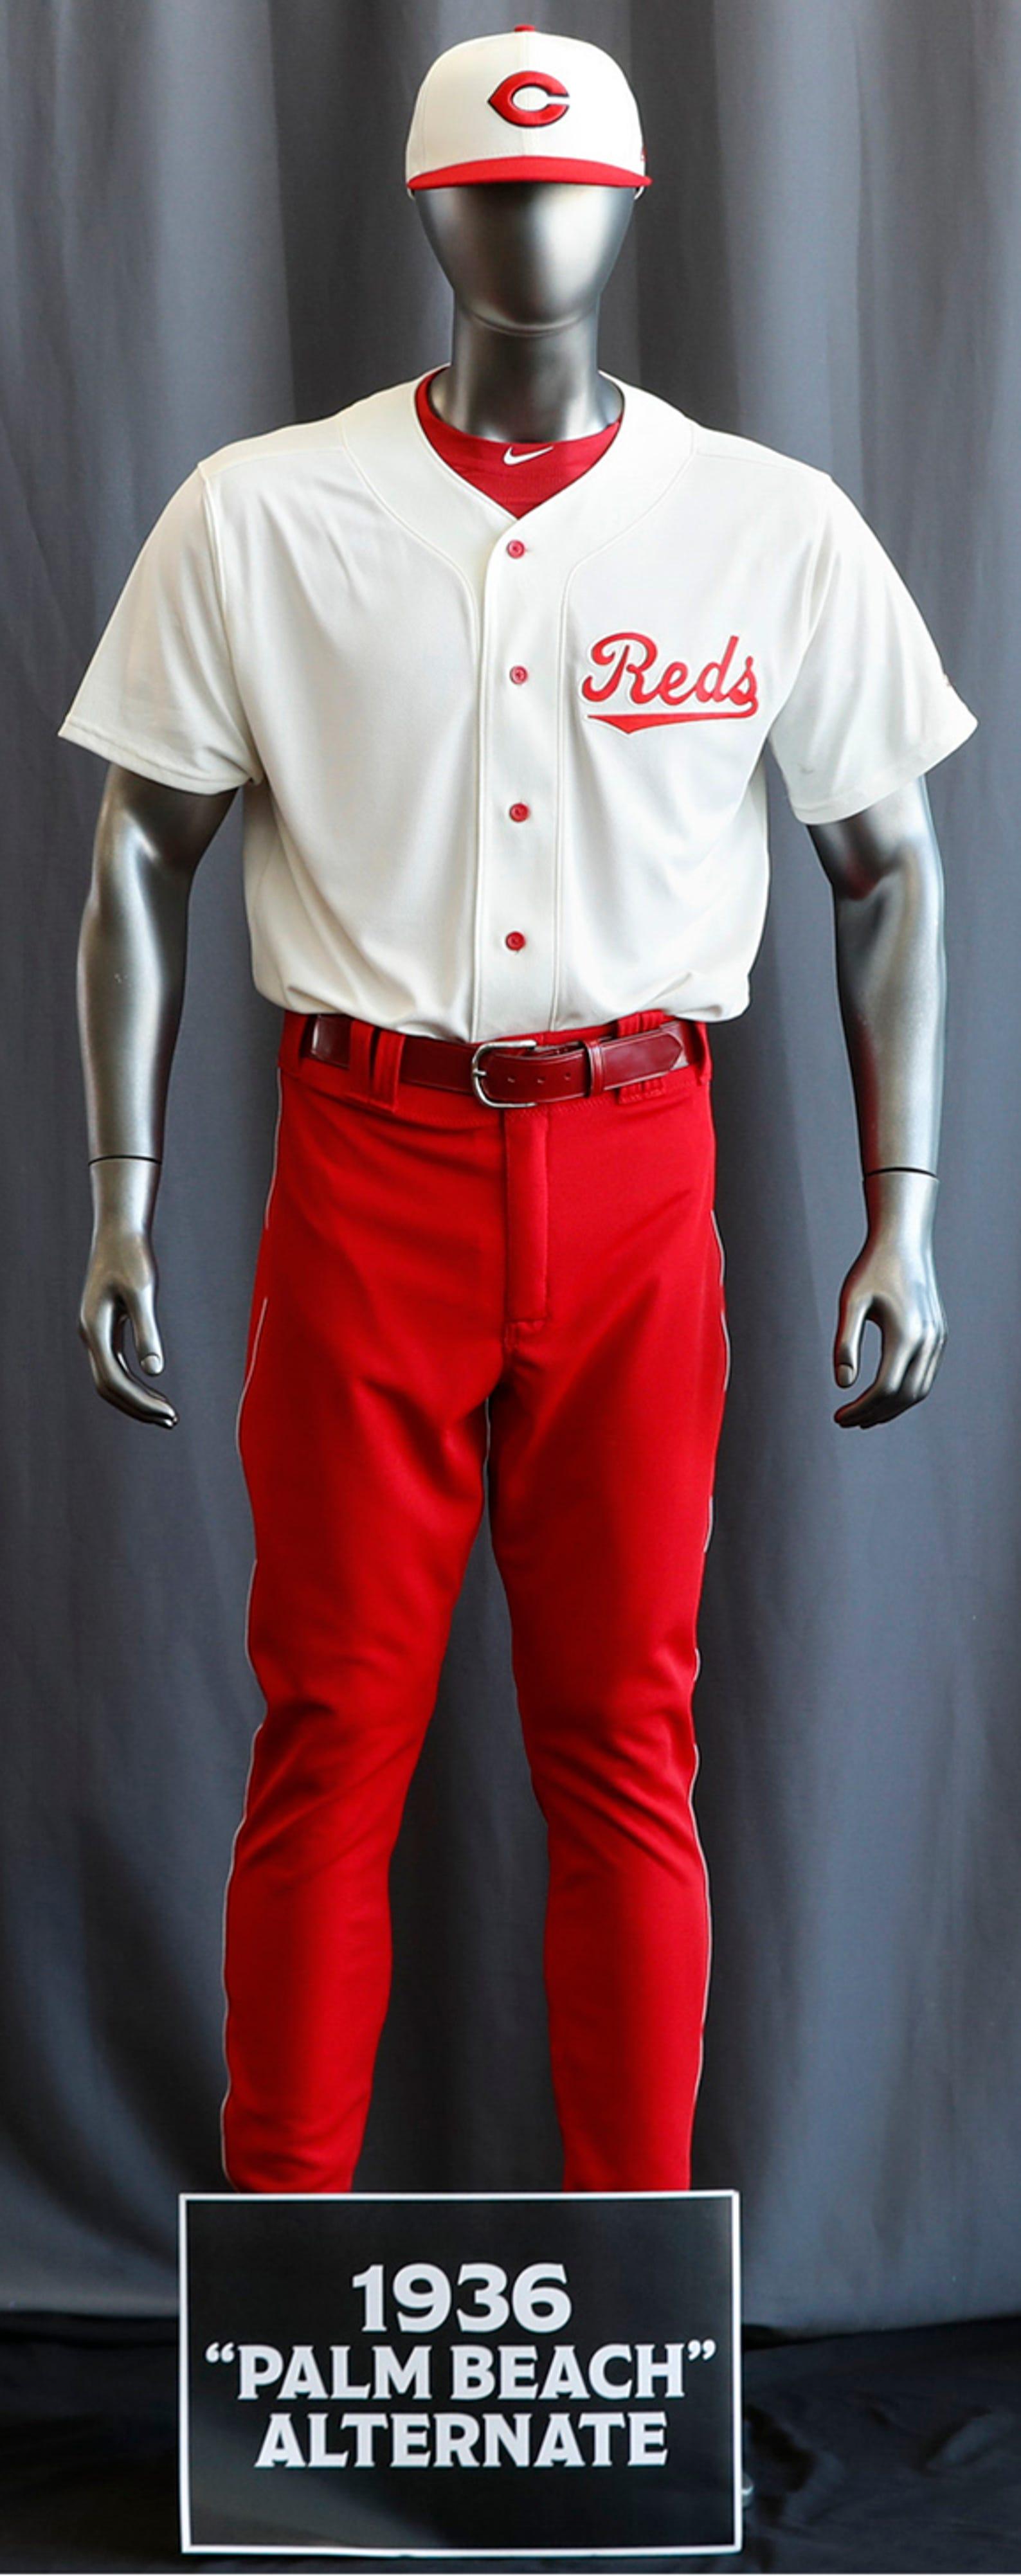 Photos: Check out the Cincinnati Reds retro uniforms